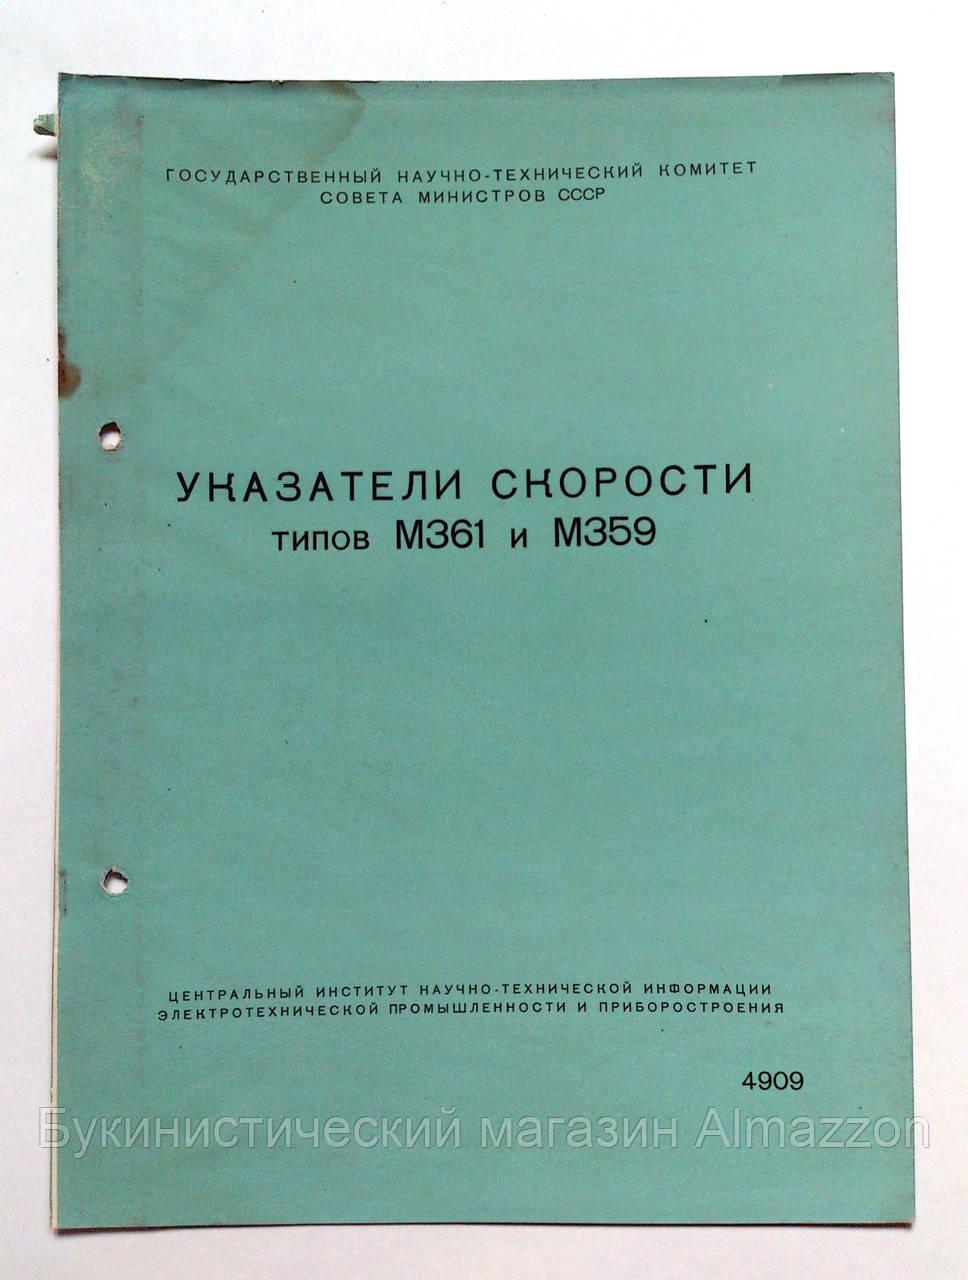 """Журнал (бюллетень) """"Указатели скорости типов М361 и М359"""". 1960 год. Выпуск № 4909"""